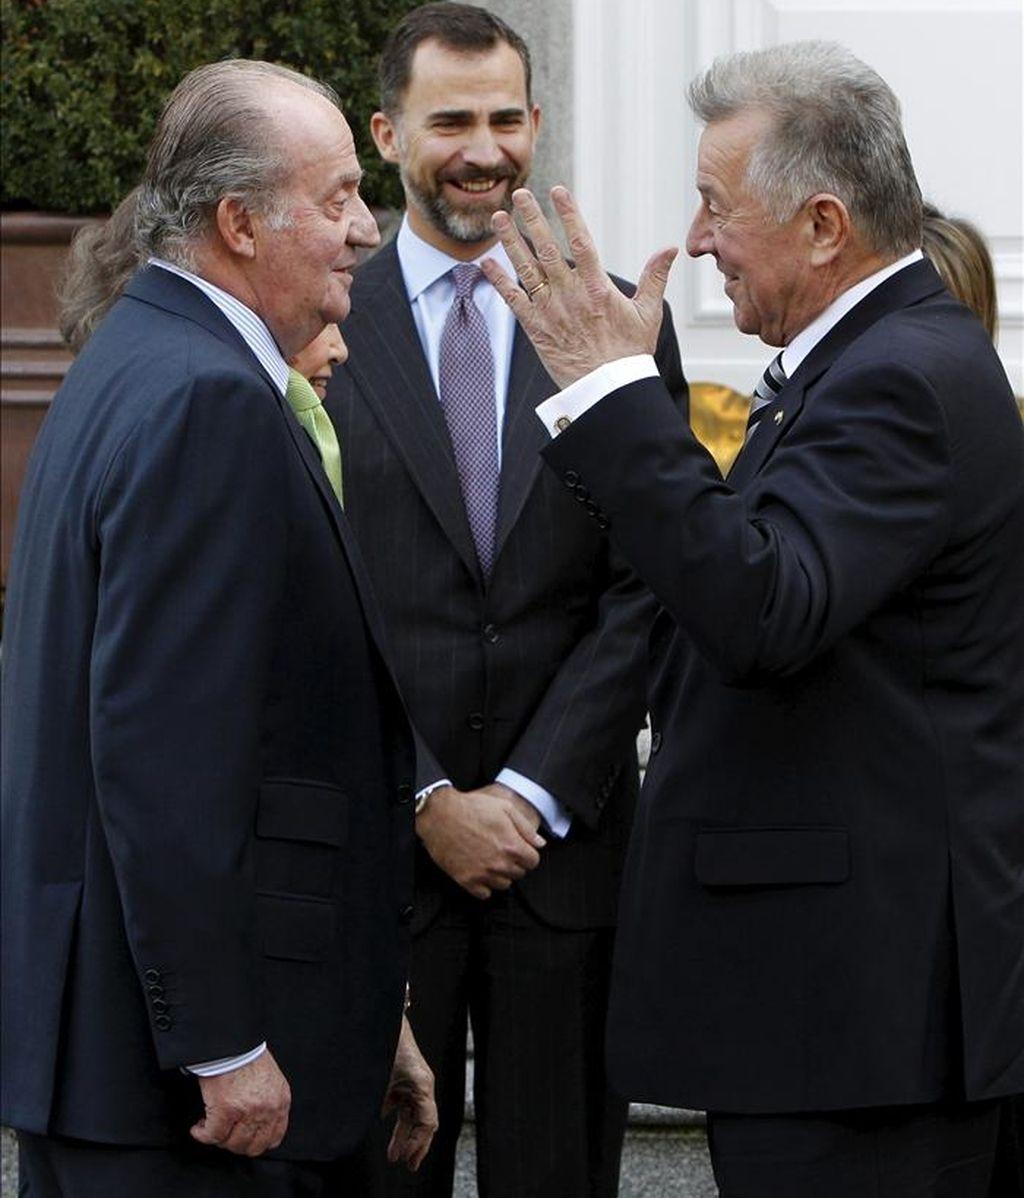 El rey Juan Carlos (i), el presidente de Hungría, Pál Schmitt (d) y el príncipe Felipe (c) antes del almuerzo ofrecido hoy en el palacio de la Zarzuela. EFE